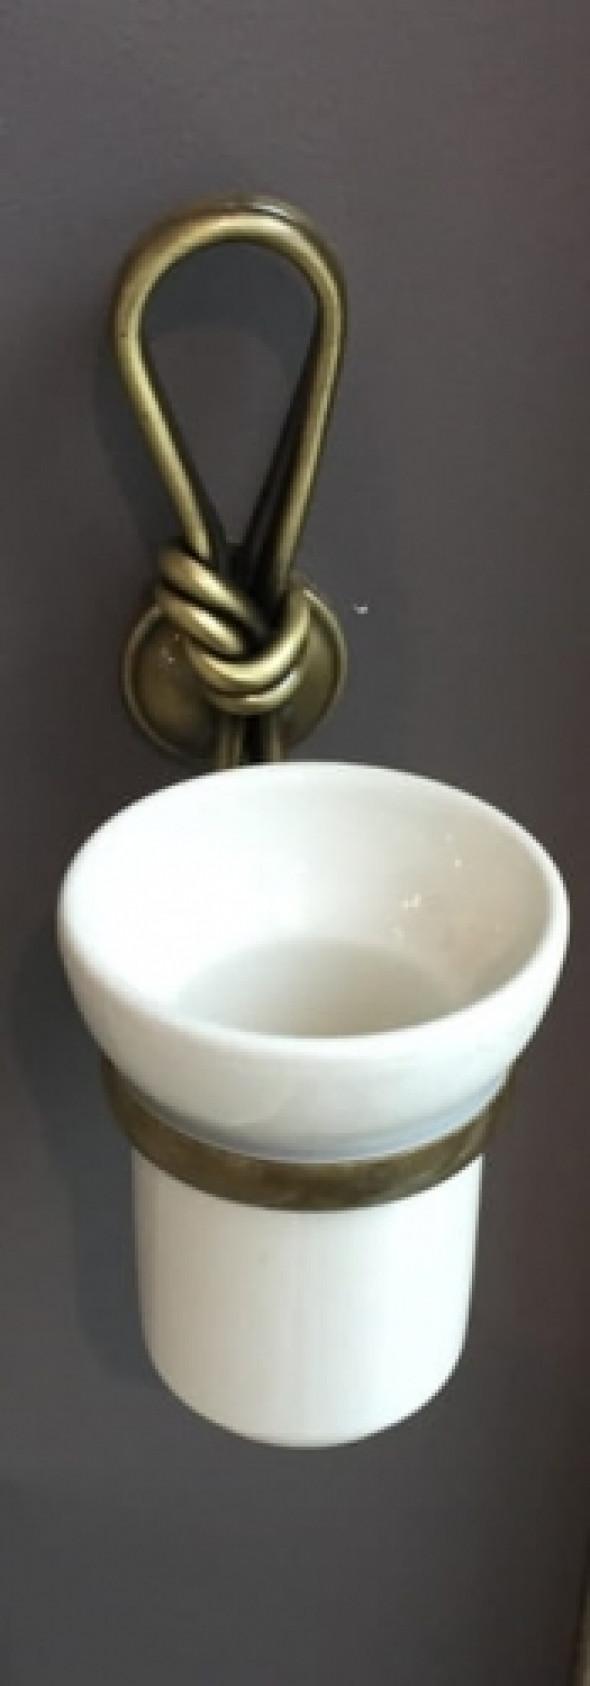 Etrusca Nodo kubek ceramiczny 1851/63